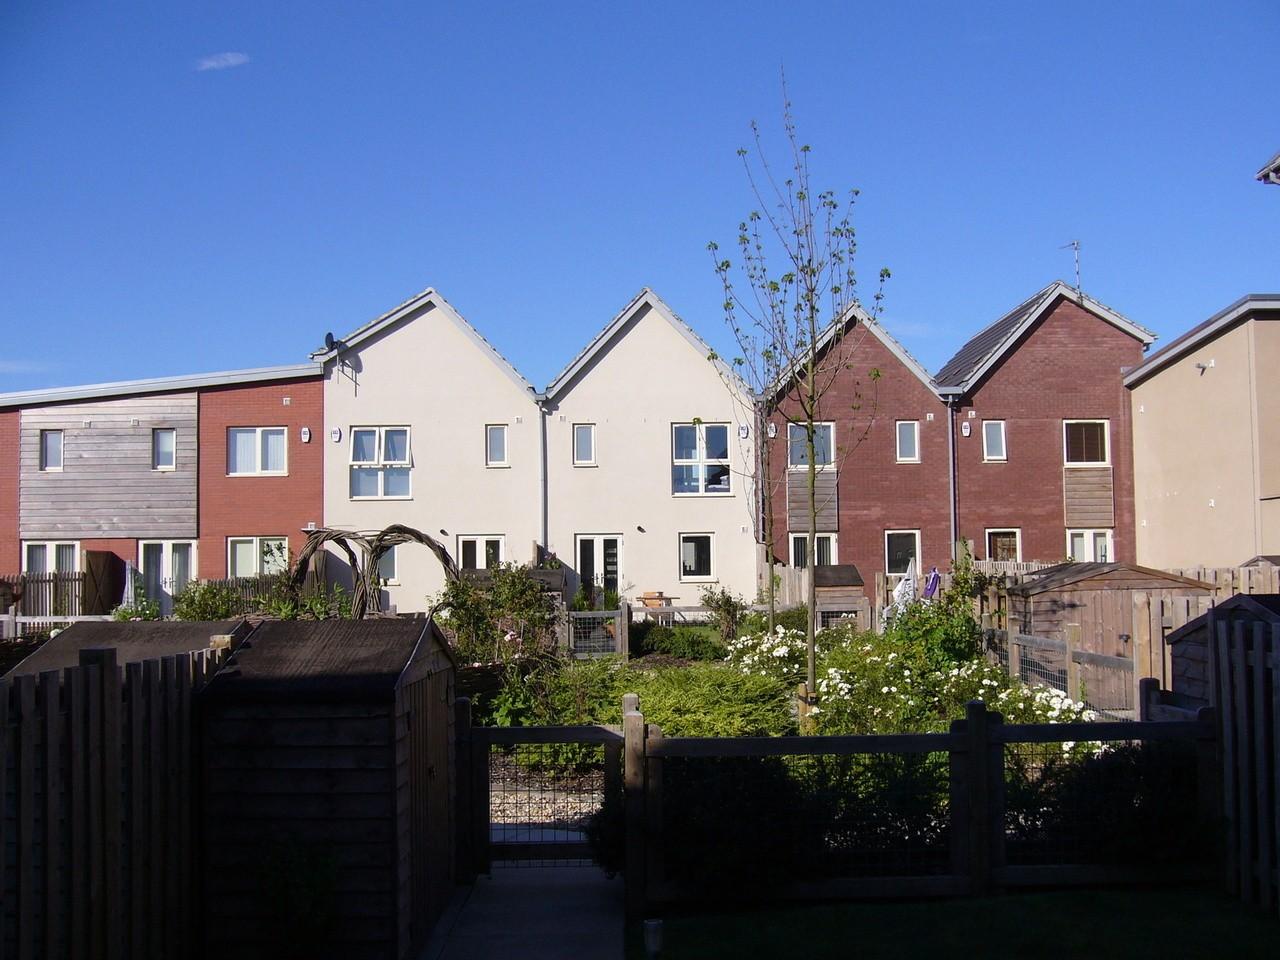 Mieszkanie i okolica